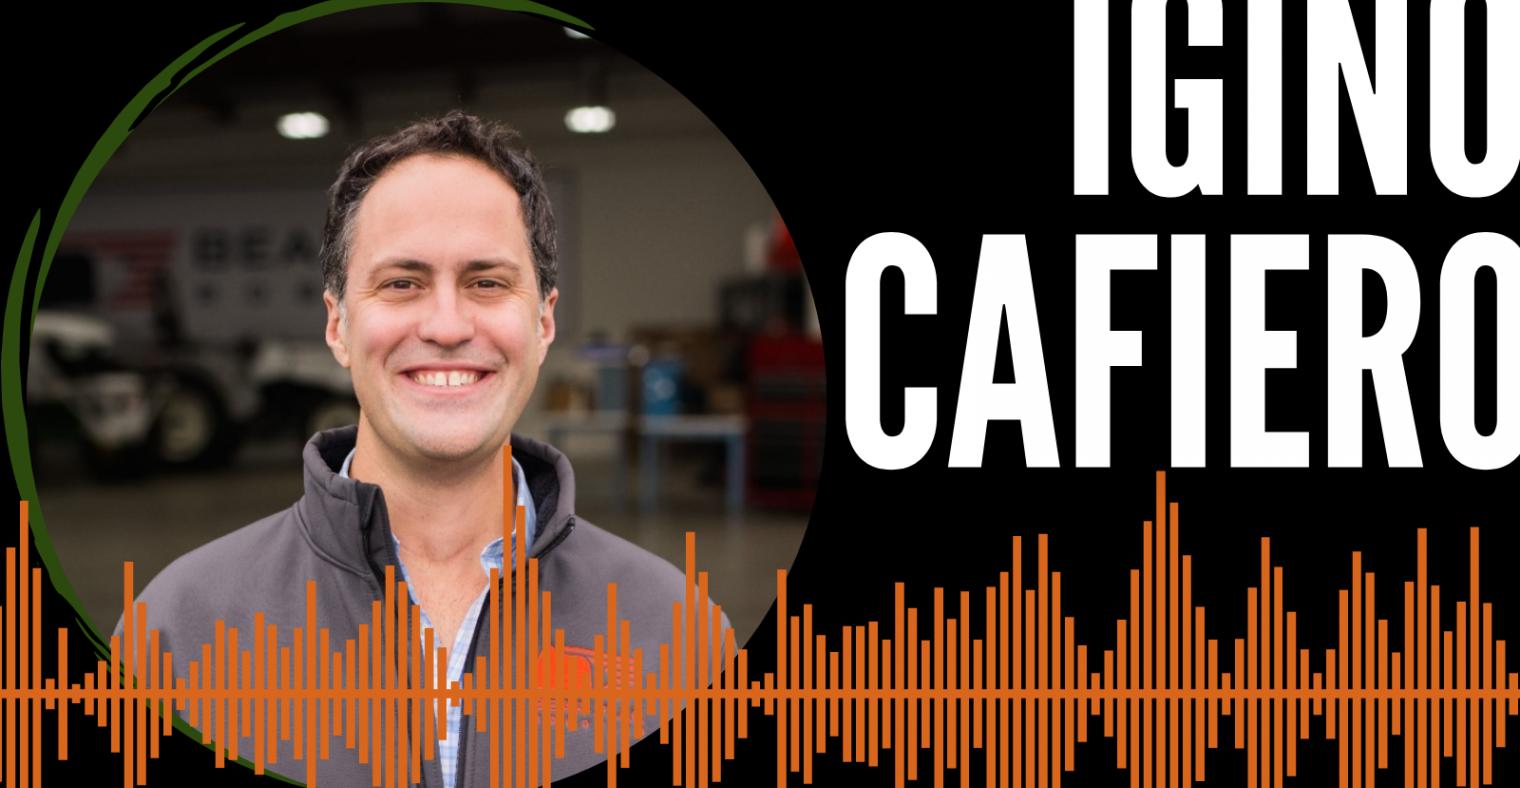 Bear Flag Robotics' CEO and Co-Founder Igino Cafiero